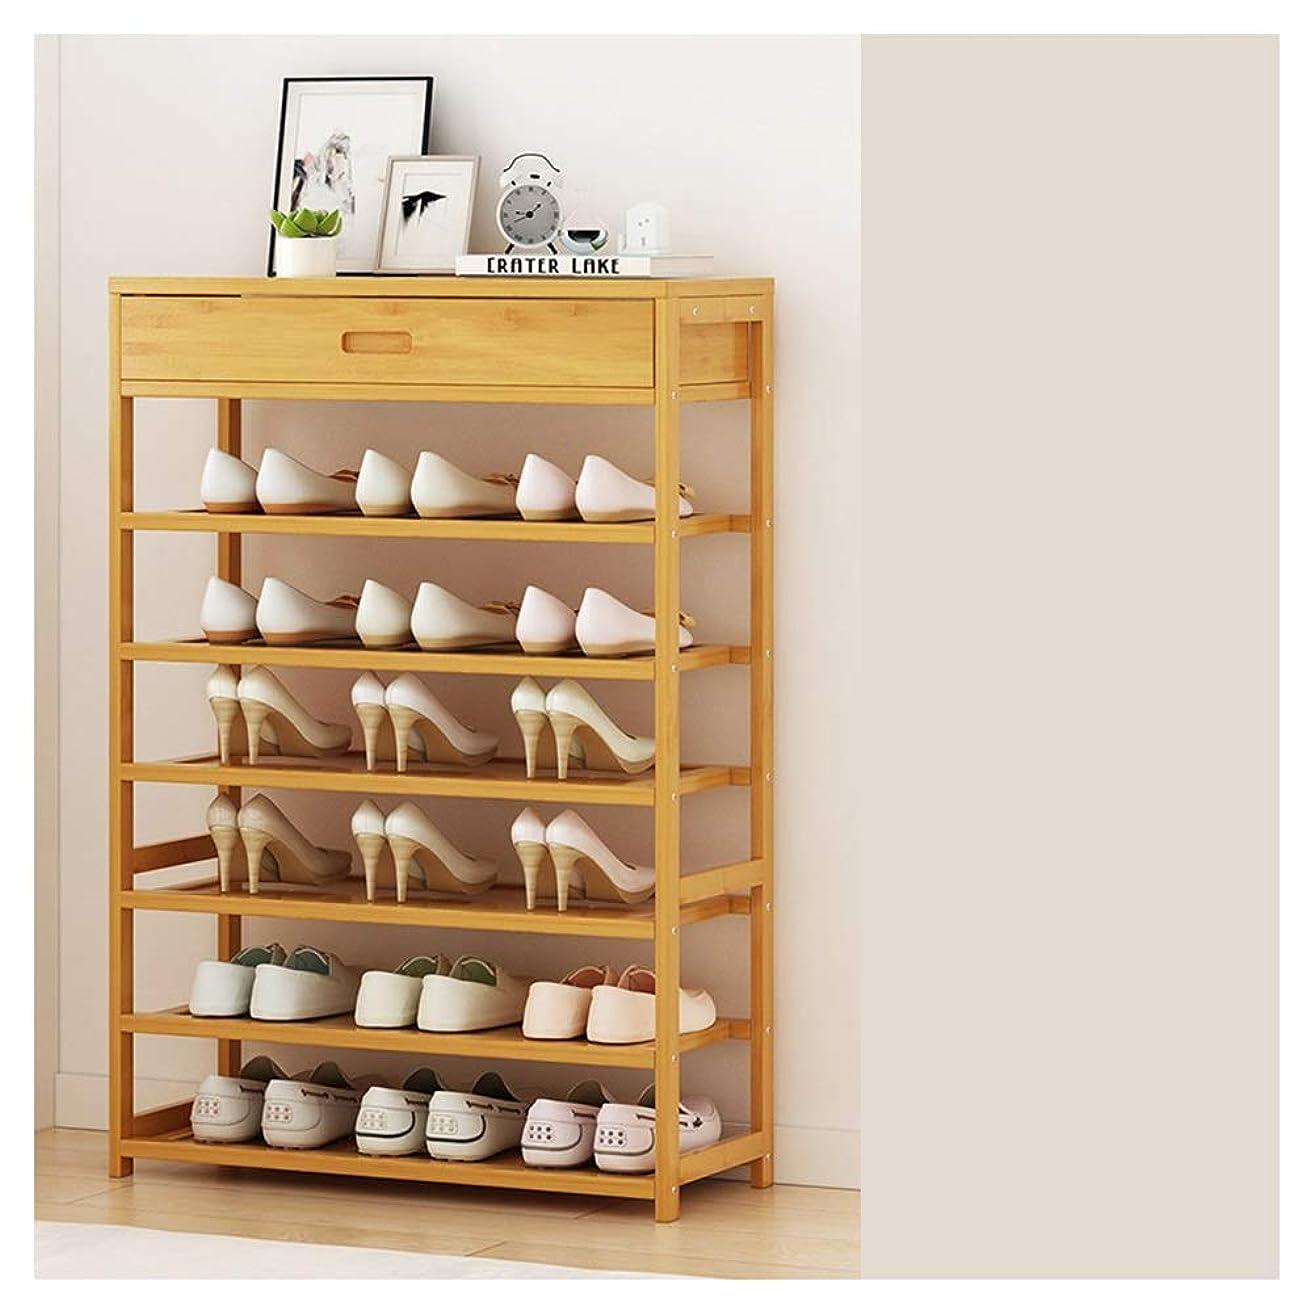 フォーマル呼吸帽子QPSGB 6層の大容量靴ラック、シンプルな家庭用多層引き出し収納ラック、経済的な竹ラックシンプルな木製の靴ラック90 * 25 * 104CM (Size : 70cm)